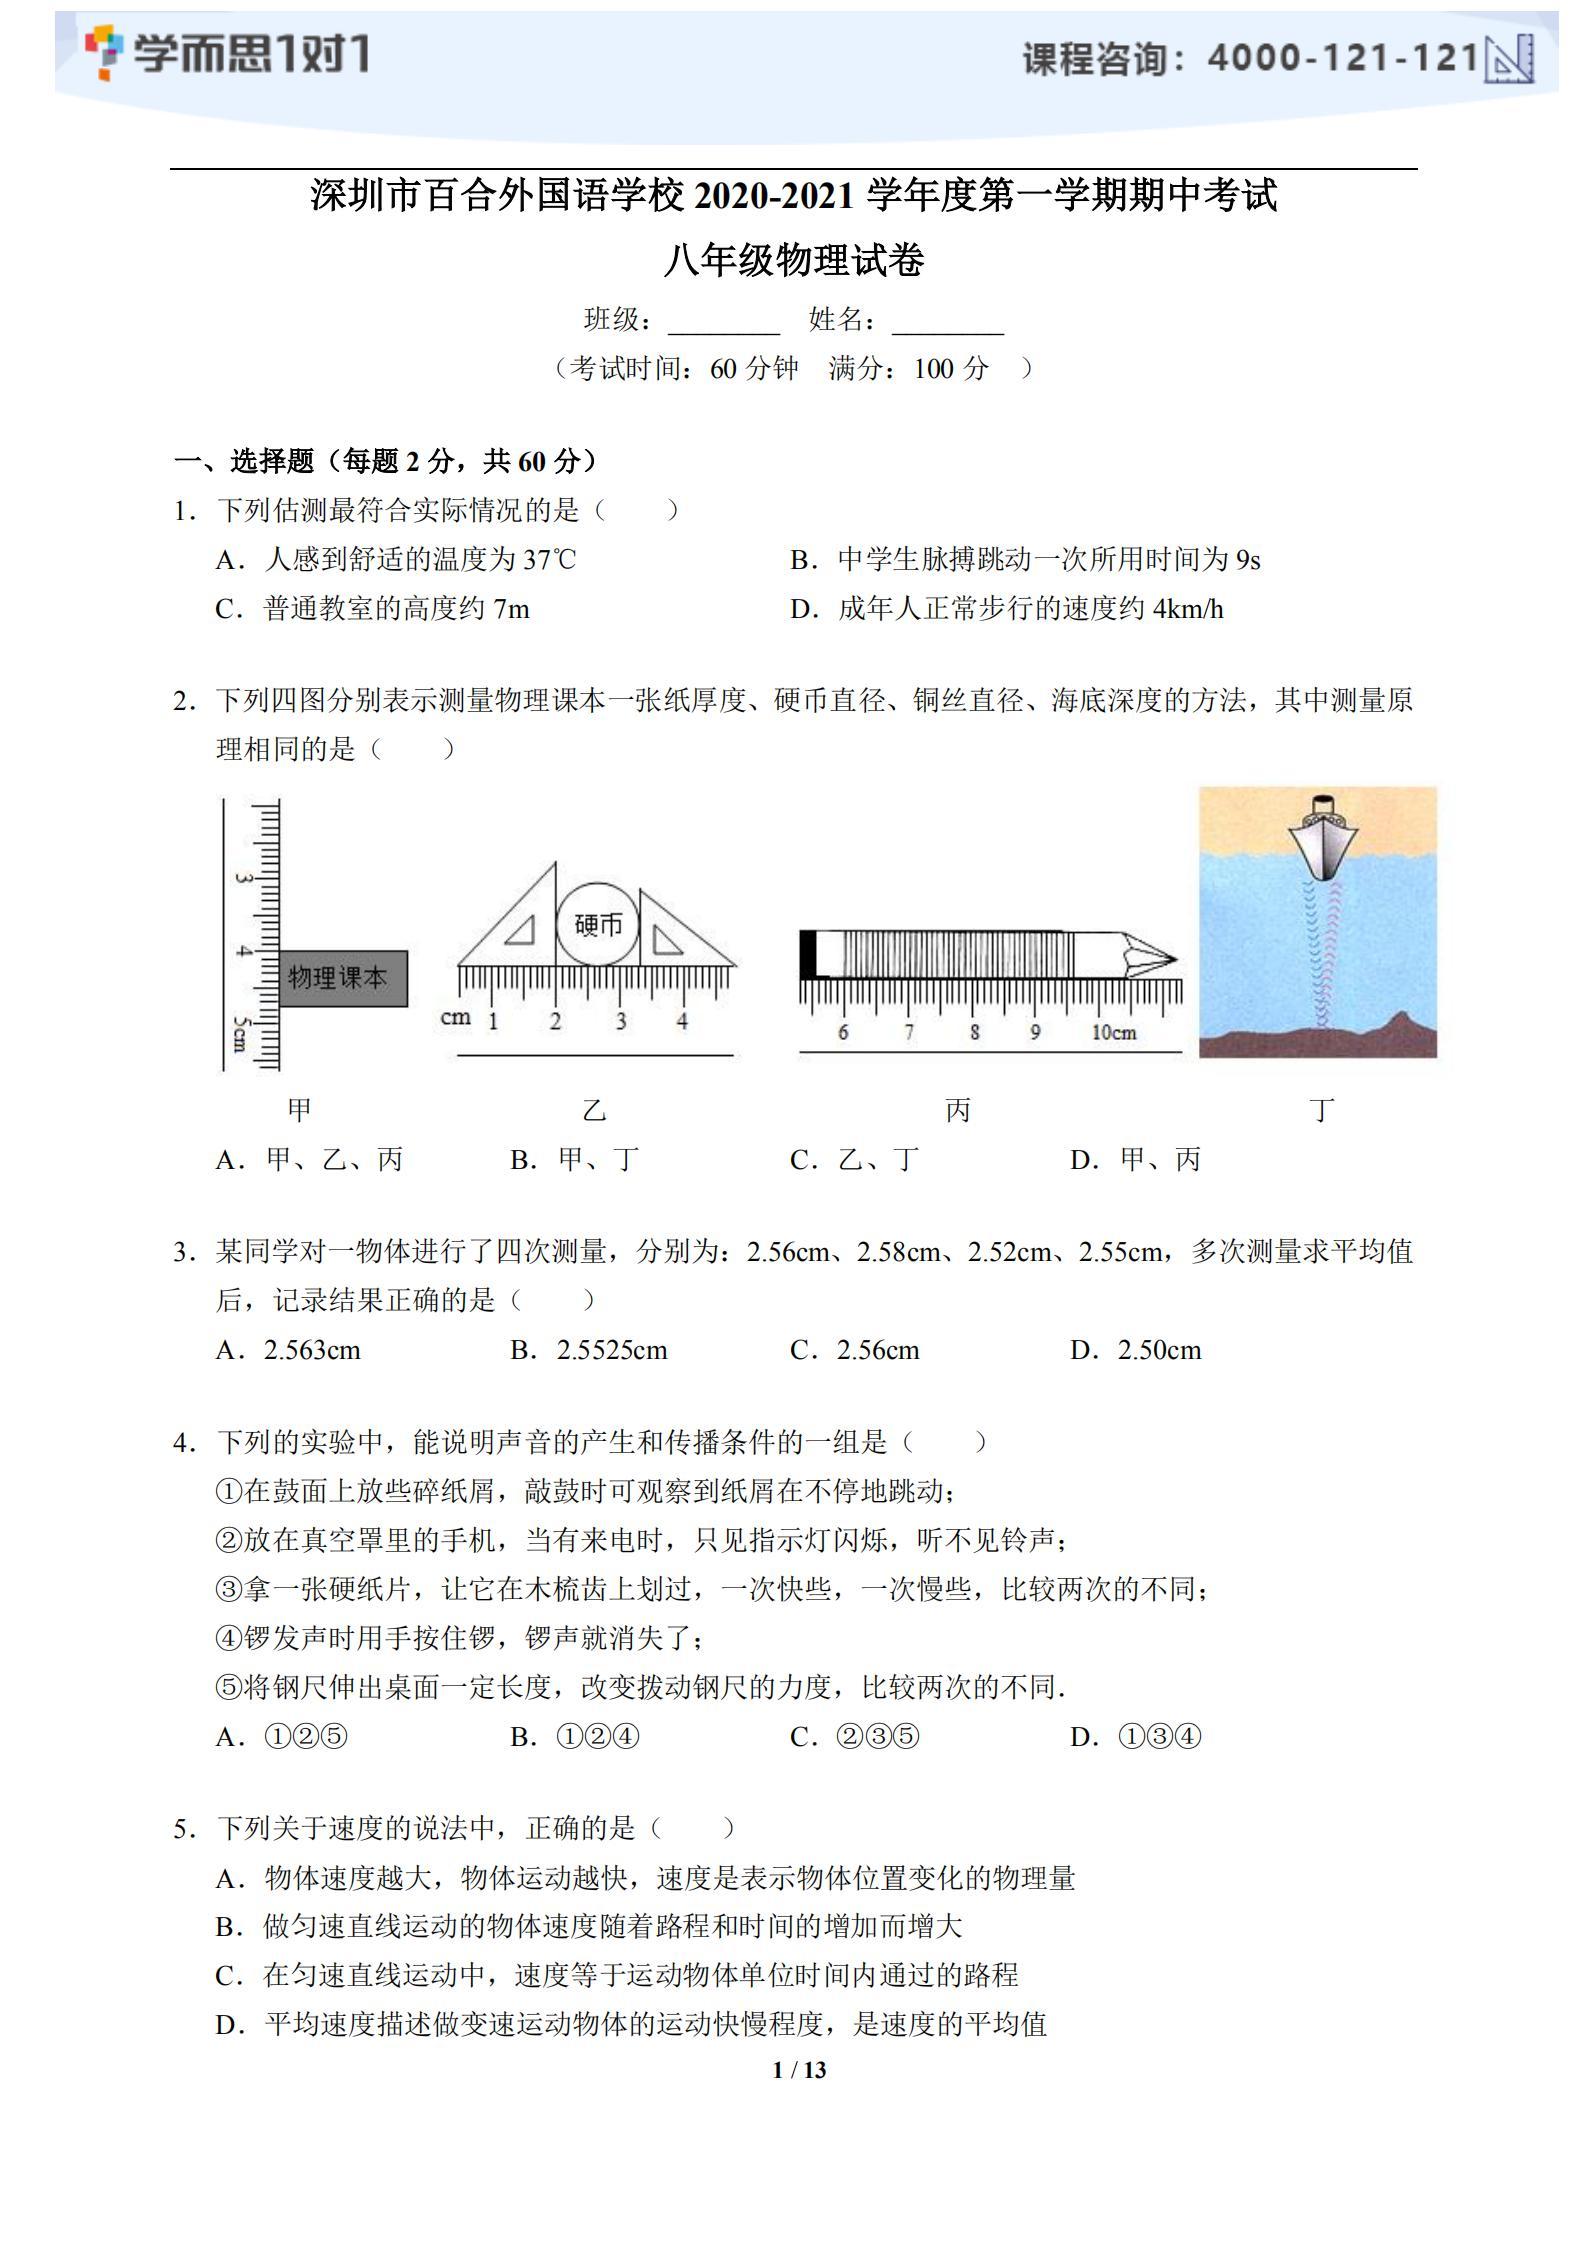 2020-2021学年深圳百合外国语学校初二上期中考试物理试卷